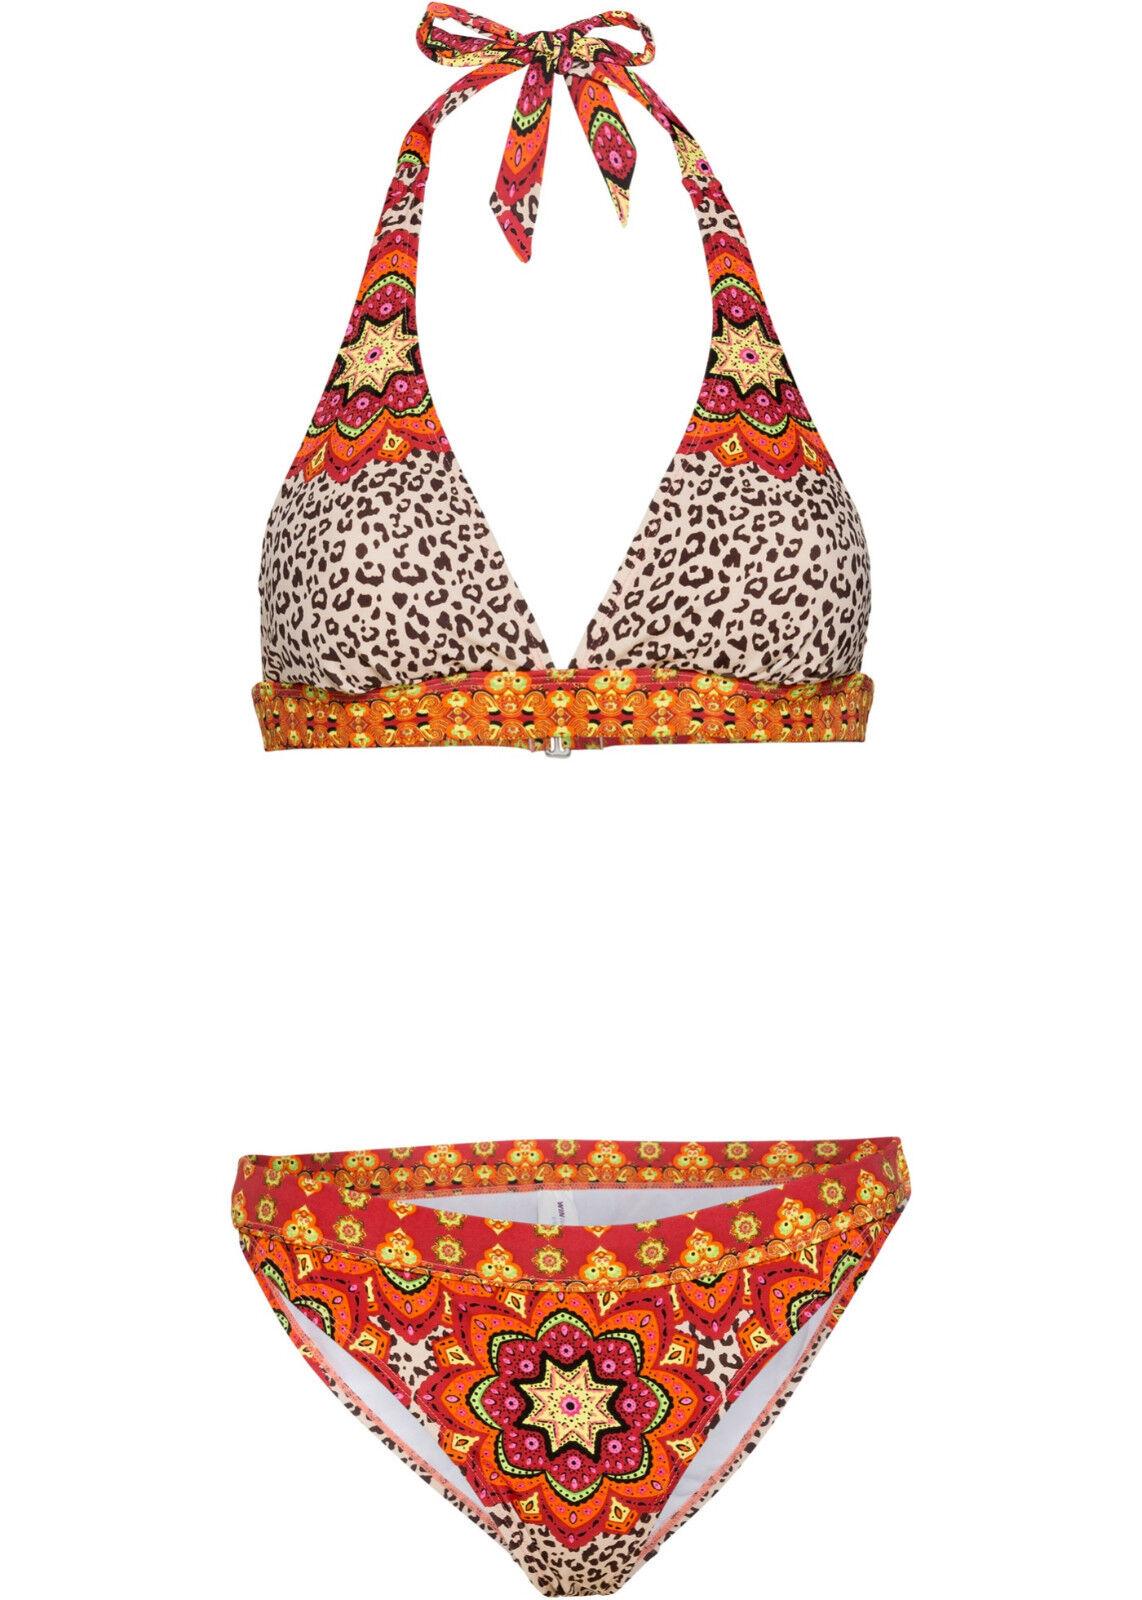 Neckholder Bikini Set rot orange bedruckt  36 38 40 42 44 46 BH ohne Bügel 646